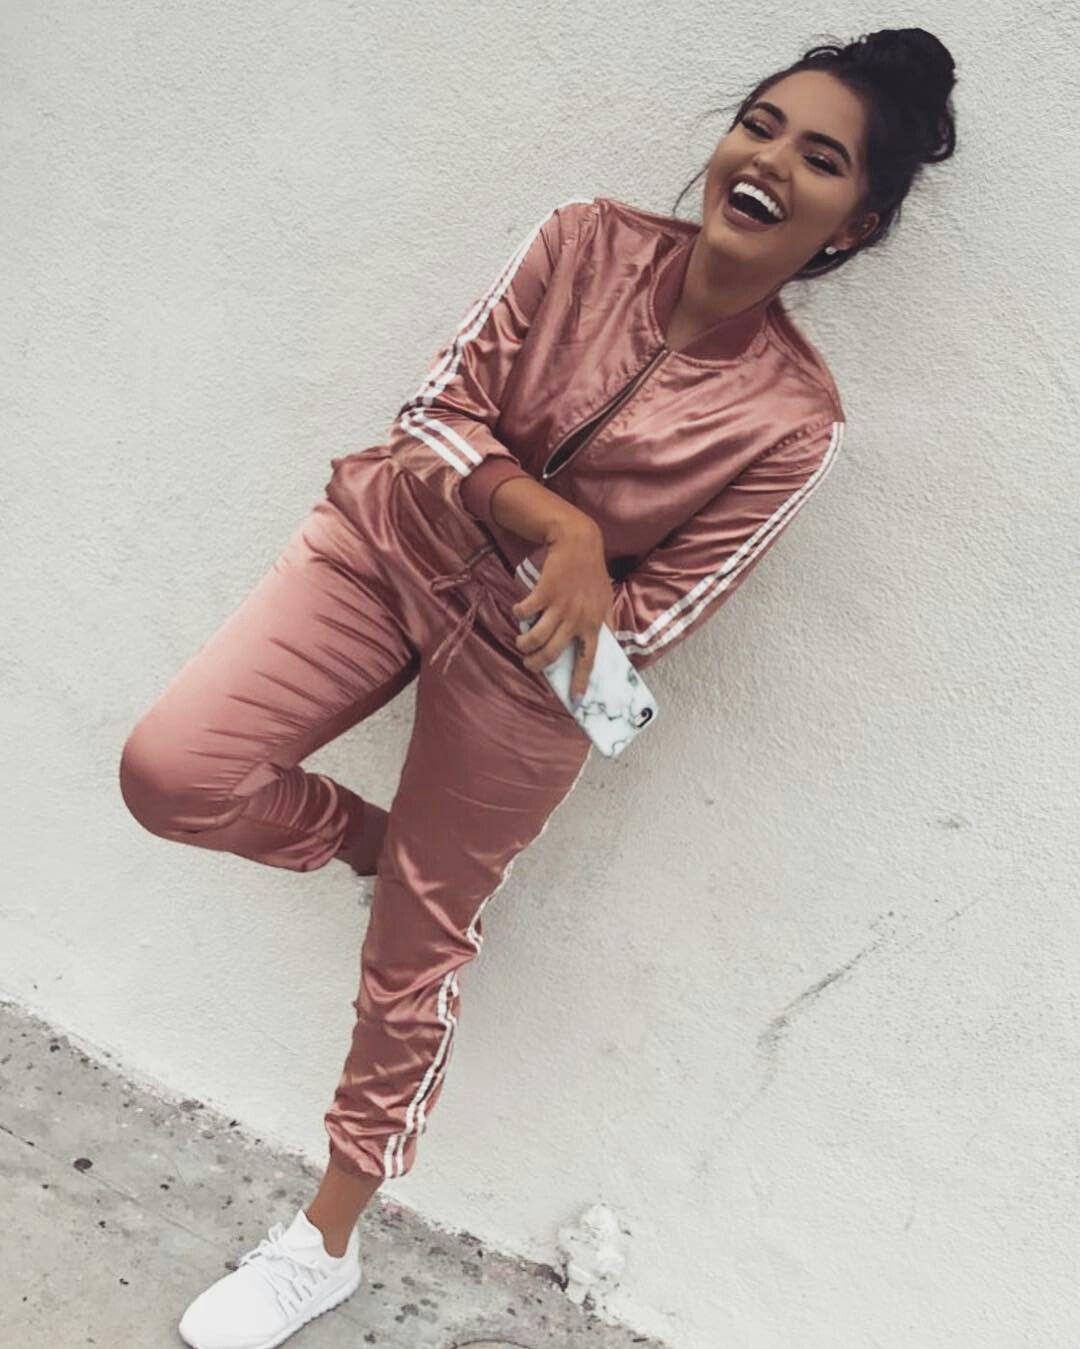 8315b7d08ba3 jumpsuit rose gold addias sweater adidas tracksuit adidas jacket pants silk  satin pink adidas sweatsuit joggers